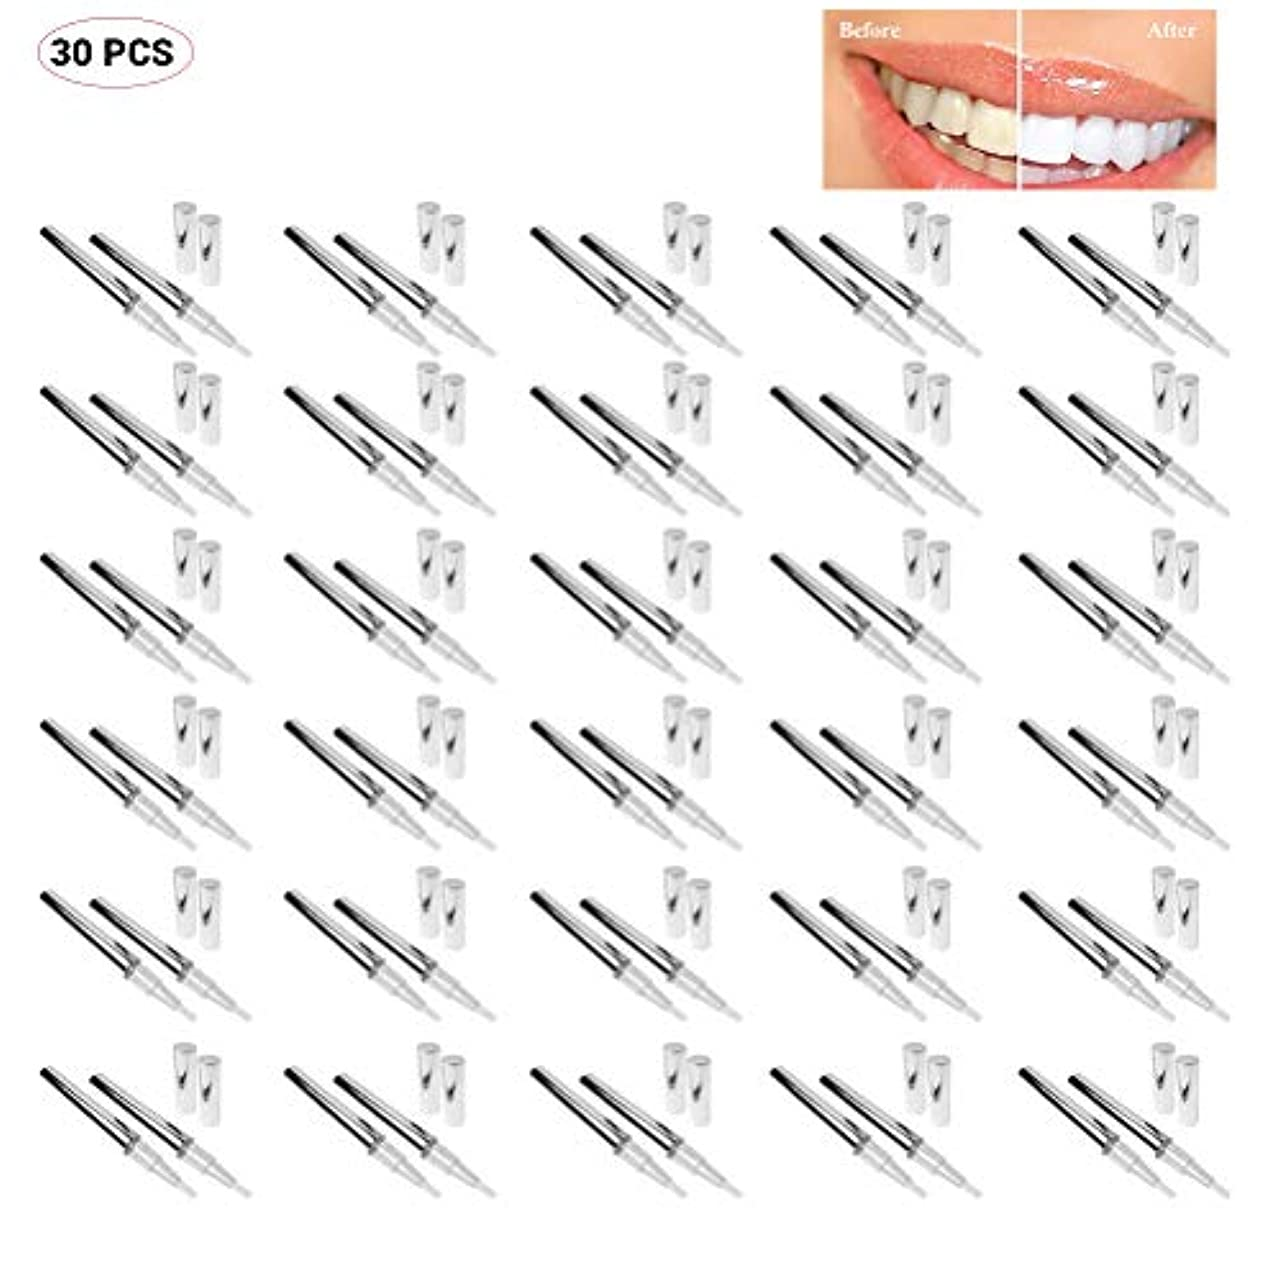 帳面電圧器官Ourine 歯の消しゴム ホワイトニング 美白歯ゲル 美人歯 白い歯 歯を白くする 輝く笑顔 口臭防止 歯周病防止 エッセンス 30個セット